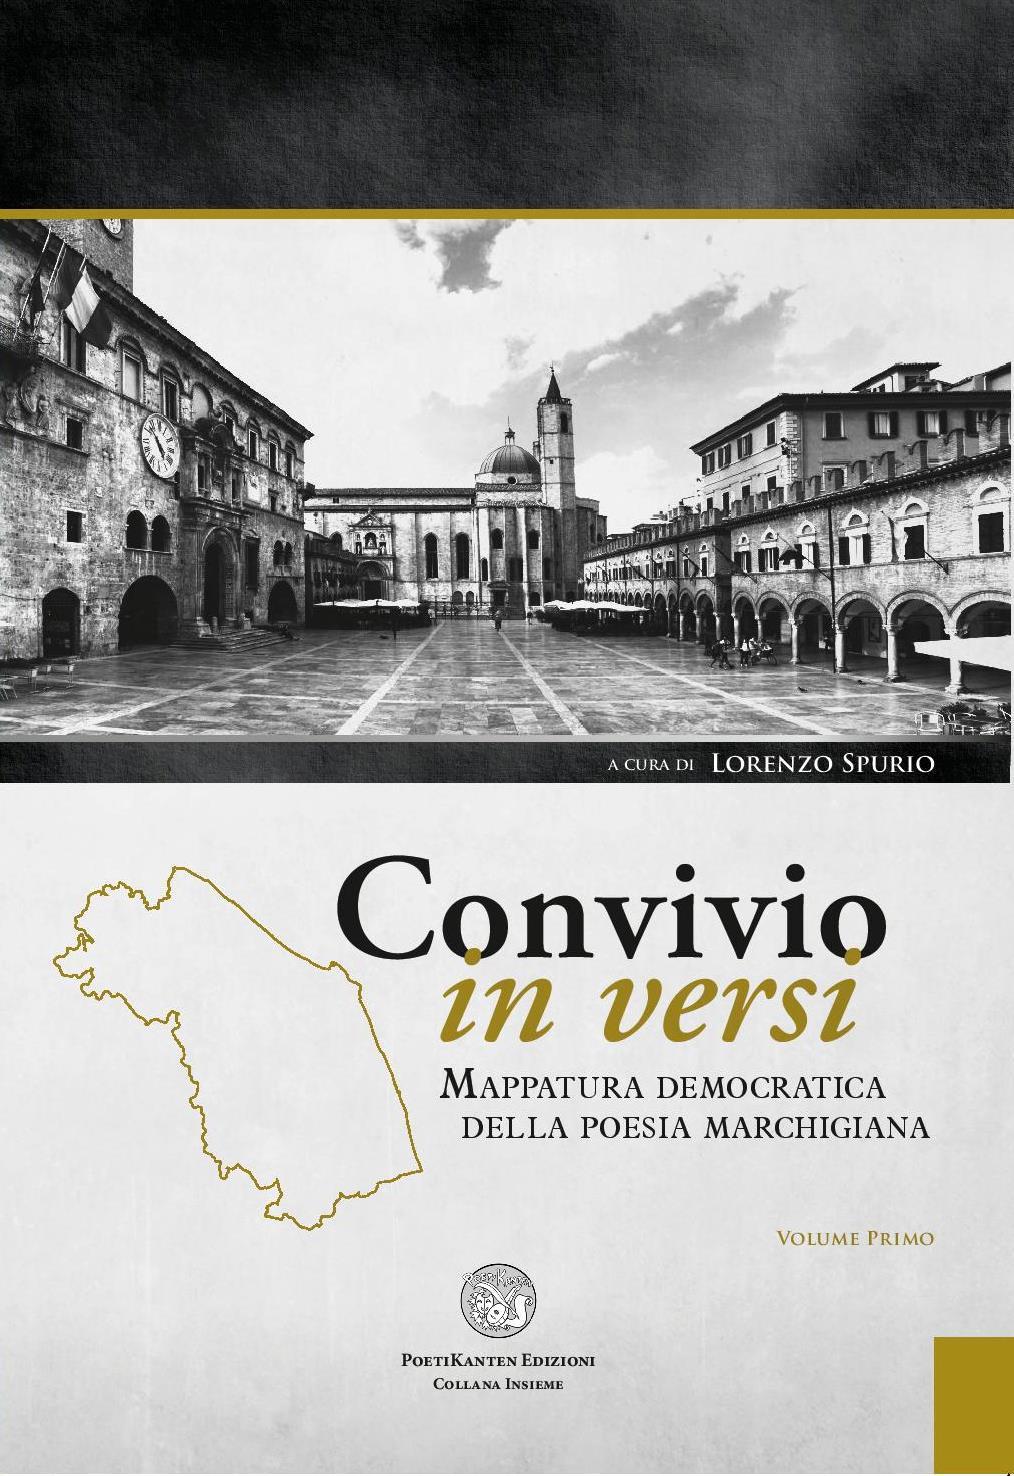 """Il primo volume dell'antologia """"Convivio in versi"""" curata da Lorenzo Spurio"""